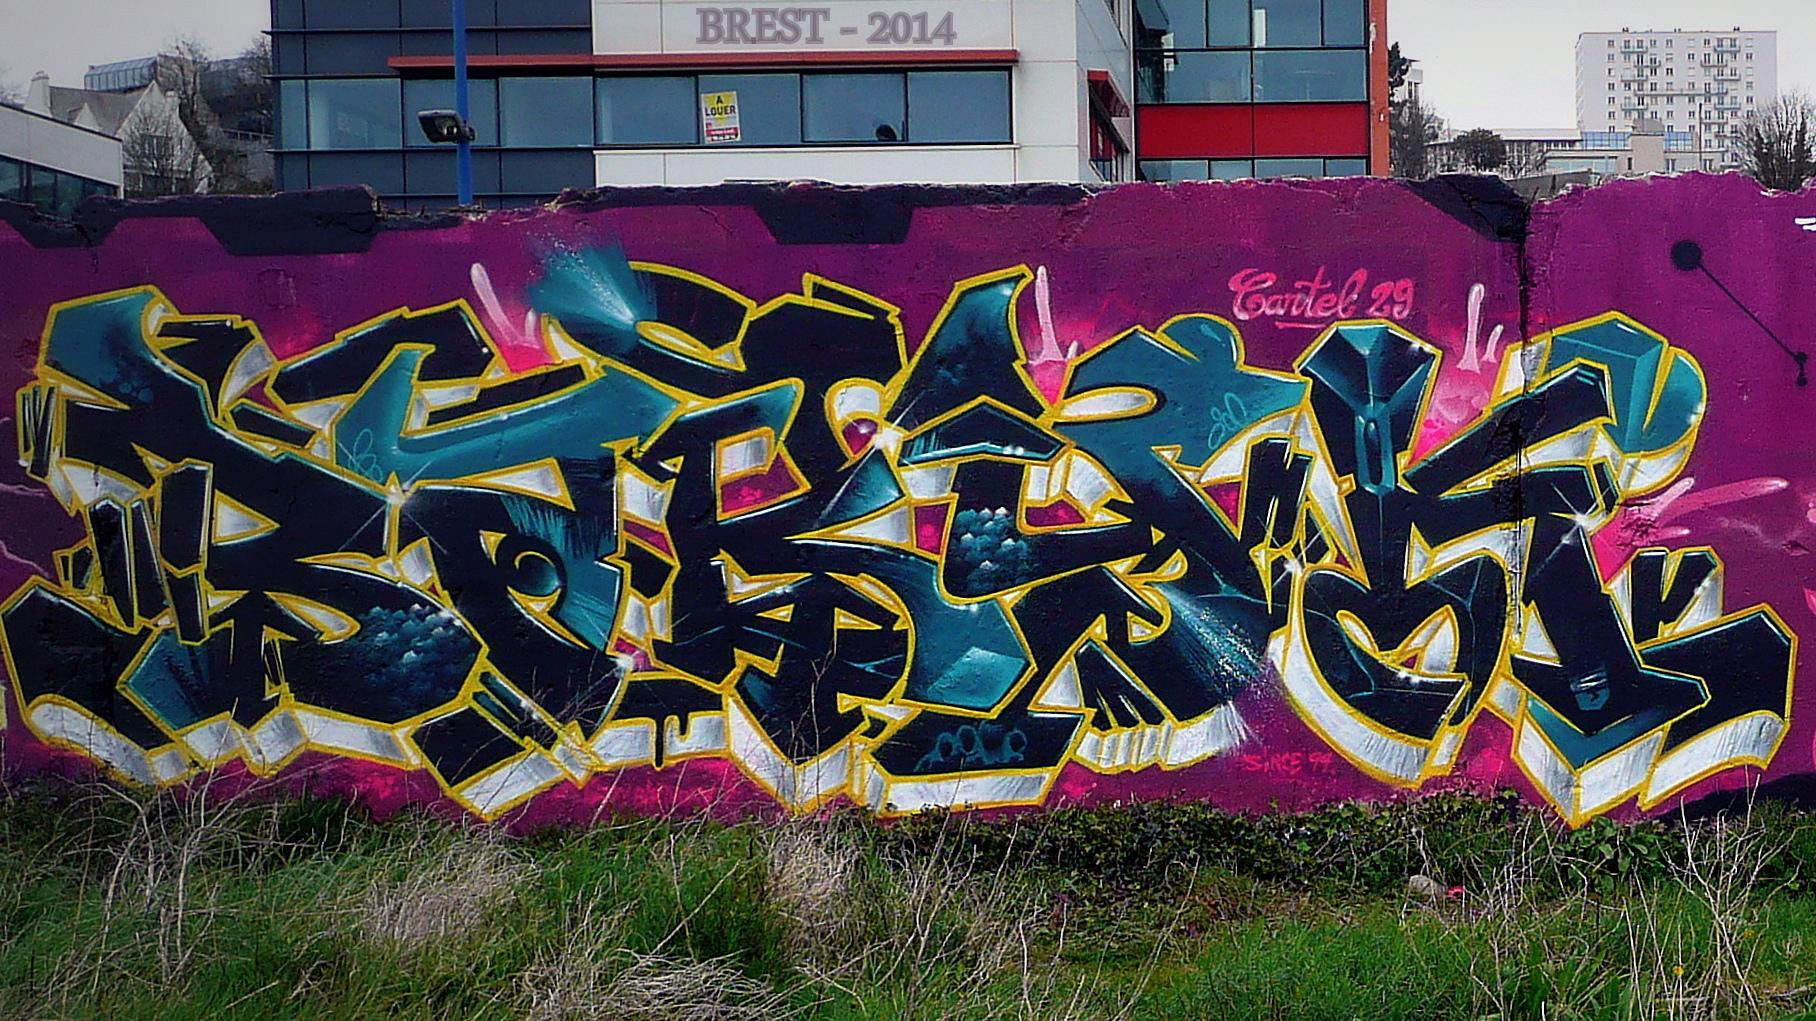 Brest 2014